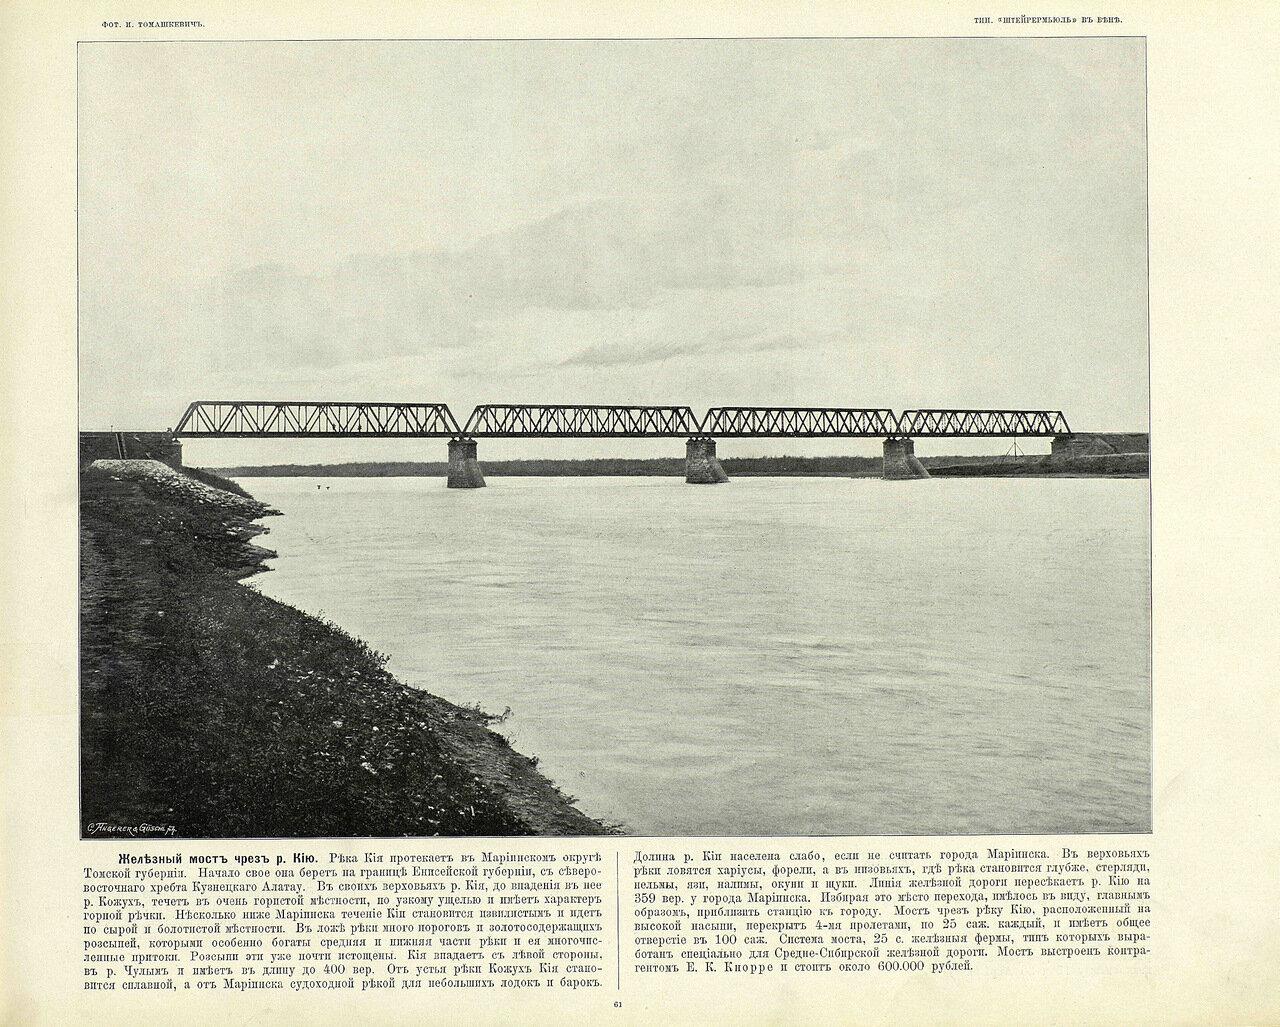 61. Железный мост через Кию